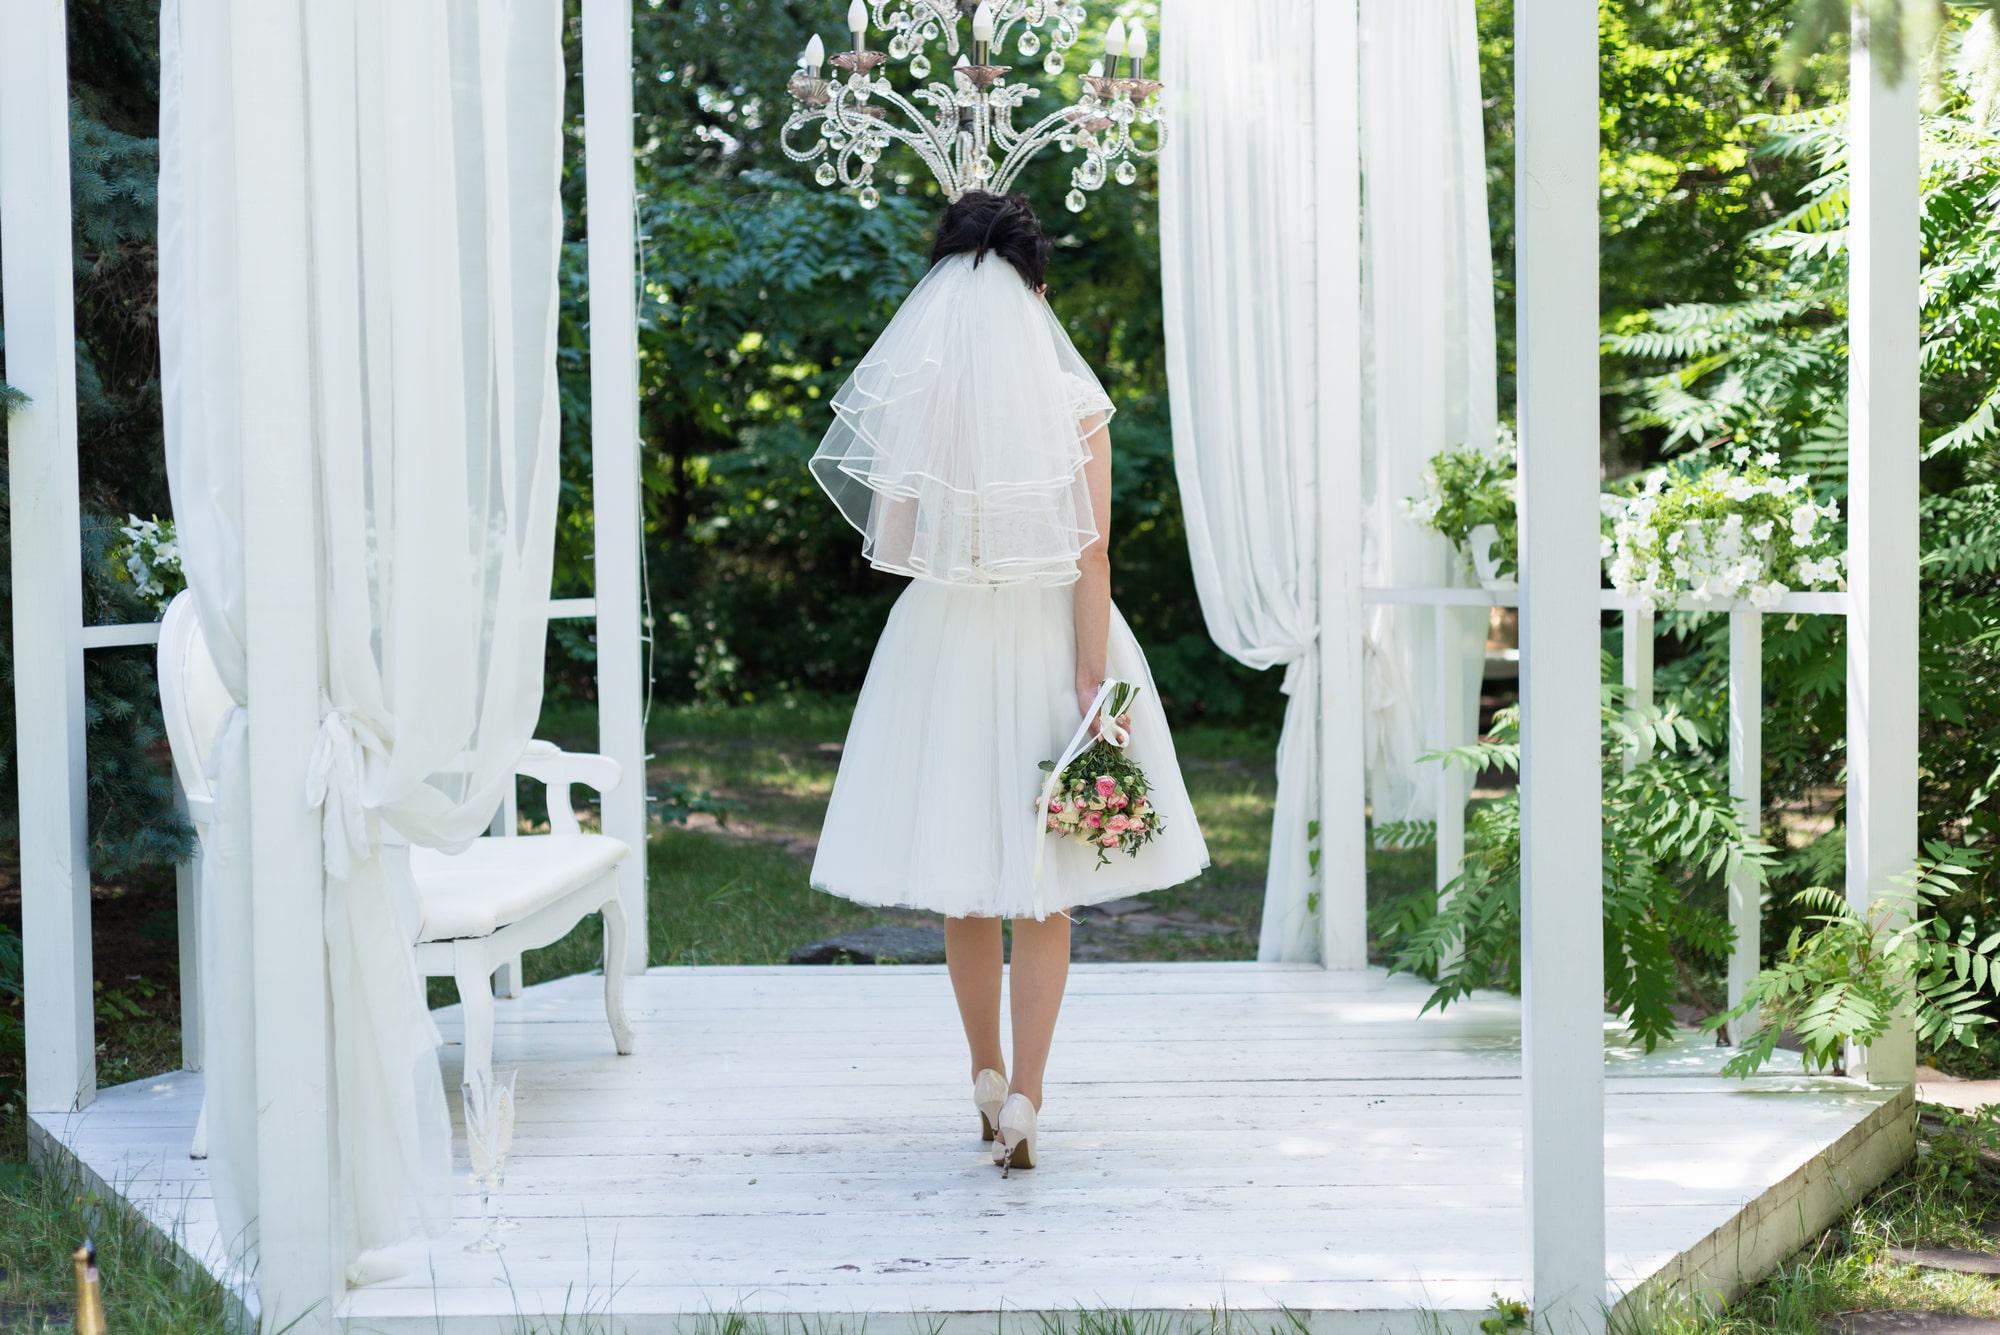 Свадебная фотосъемка в студии Плей - локация Сад